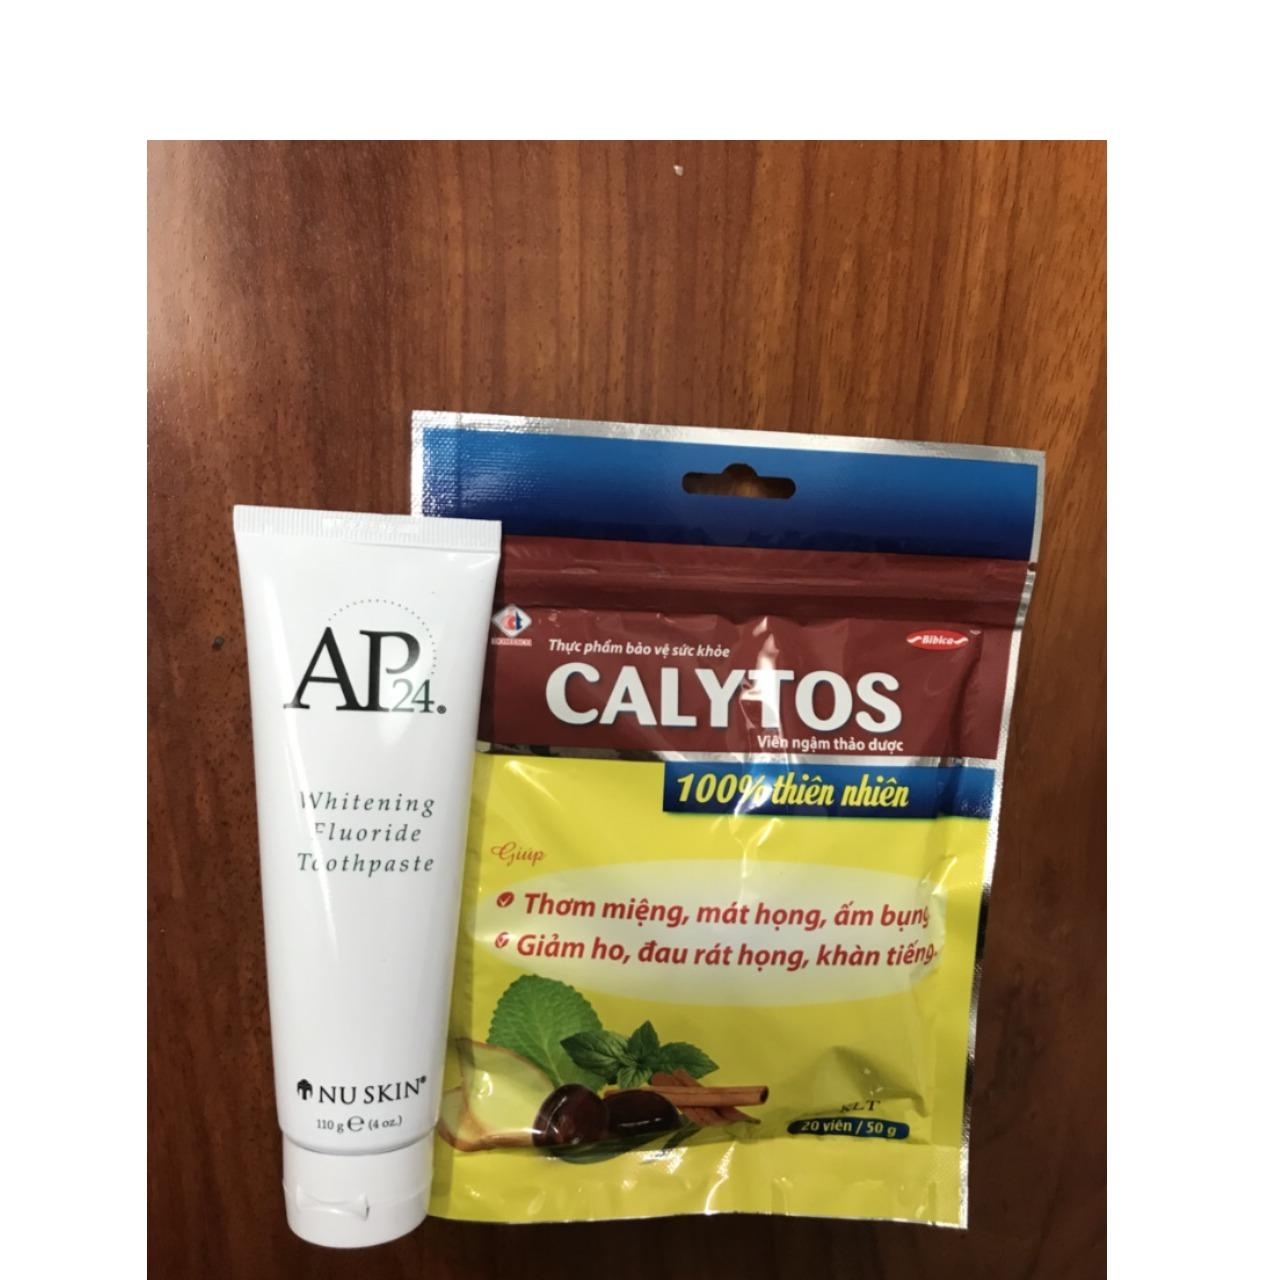 Kem đánh răng trắng sáng NUSKIN AP24 hàng xách tay chính hãng tặng kèm kẹo ngậm thảo dược